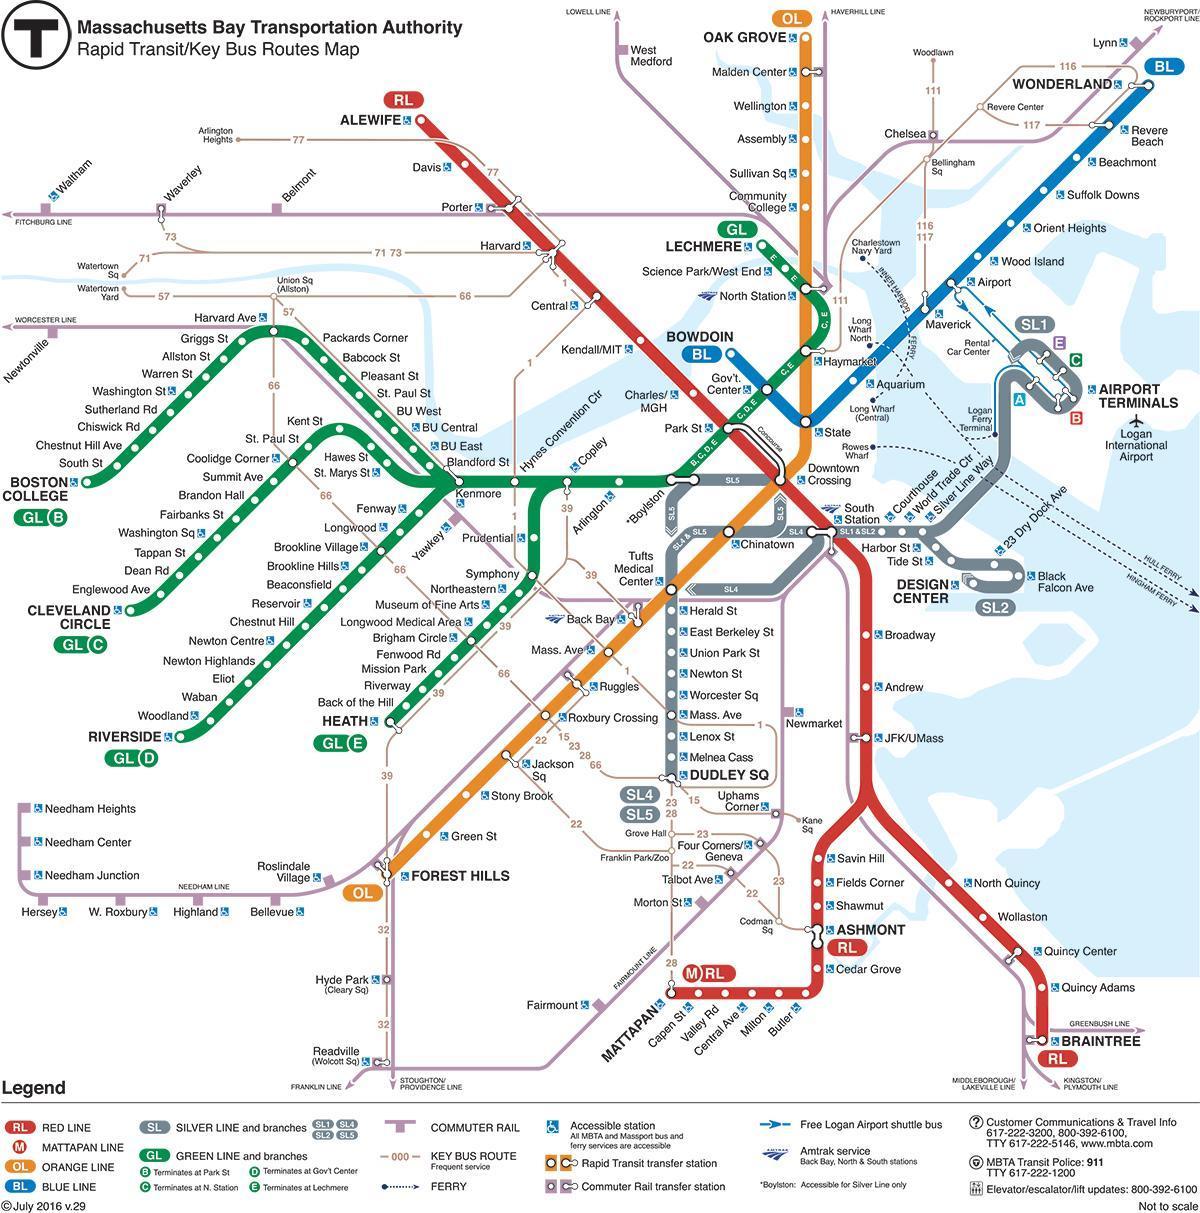 linje på kart Grønn linje MBTA kart   Grønn linje kart Boston (Usa) linje på kart